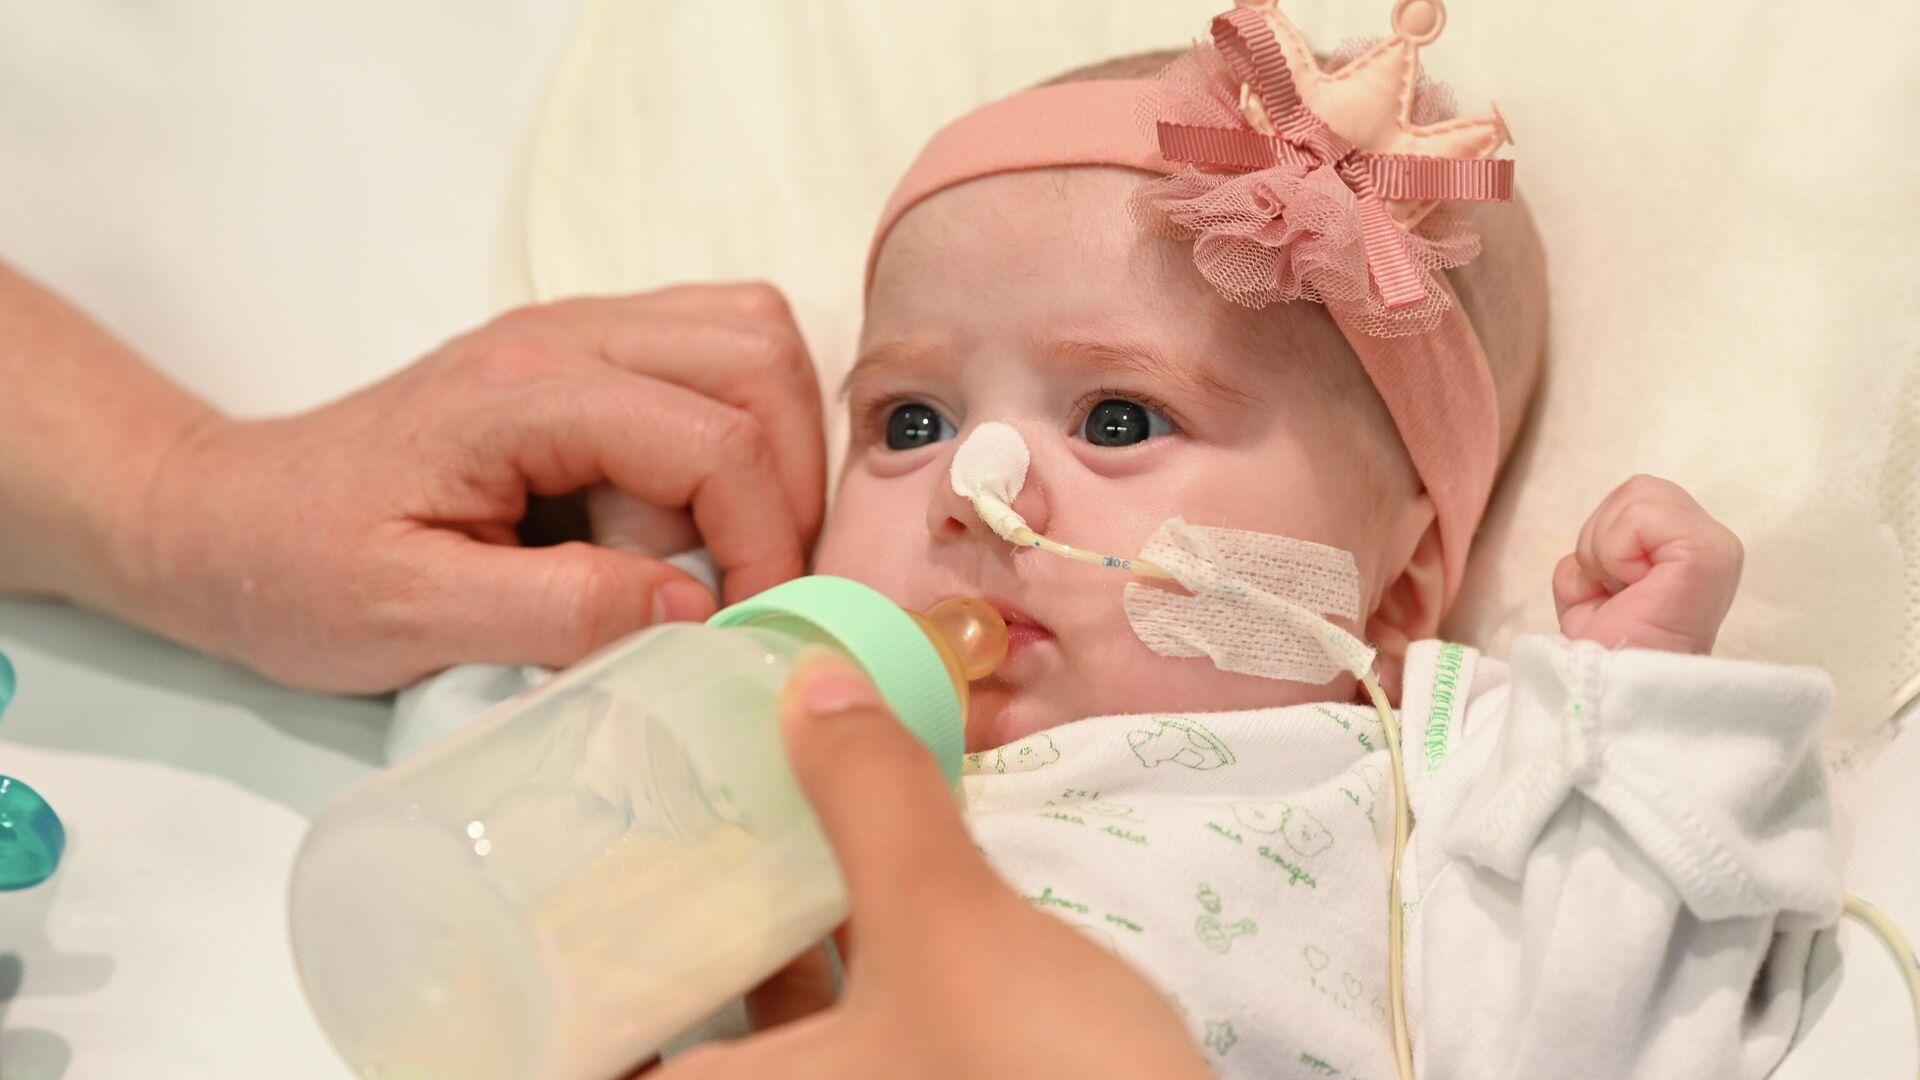 Naiara, primera bebé en recibir un transplante de corazón con distinto grupo sanguíneo - Sputnik Mundo, 1920, 17.05.2021